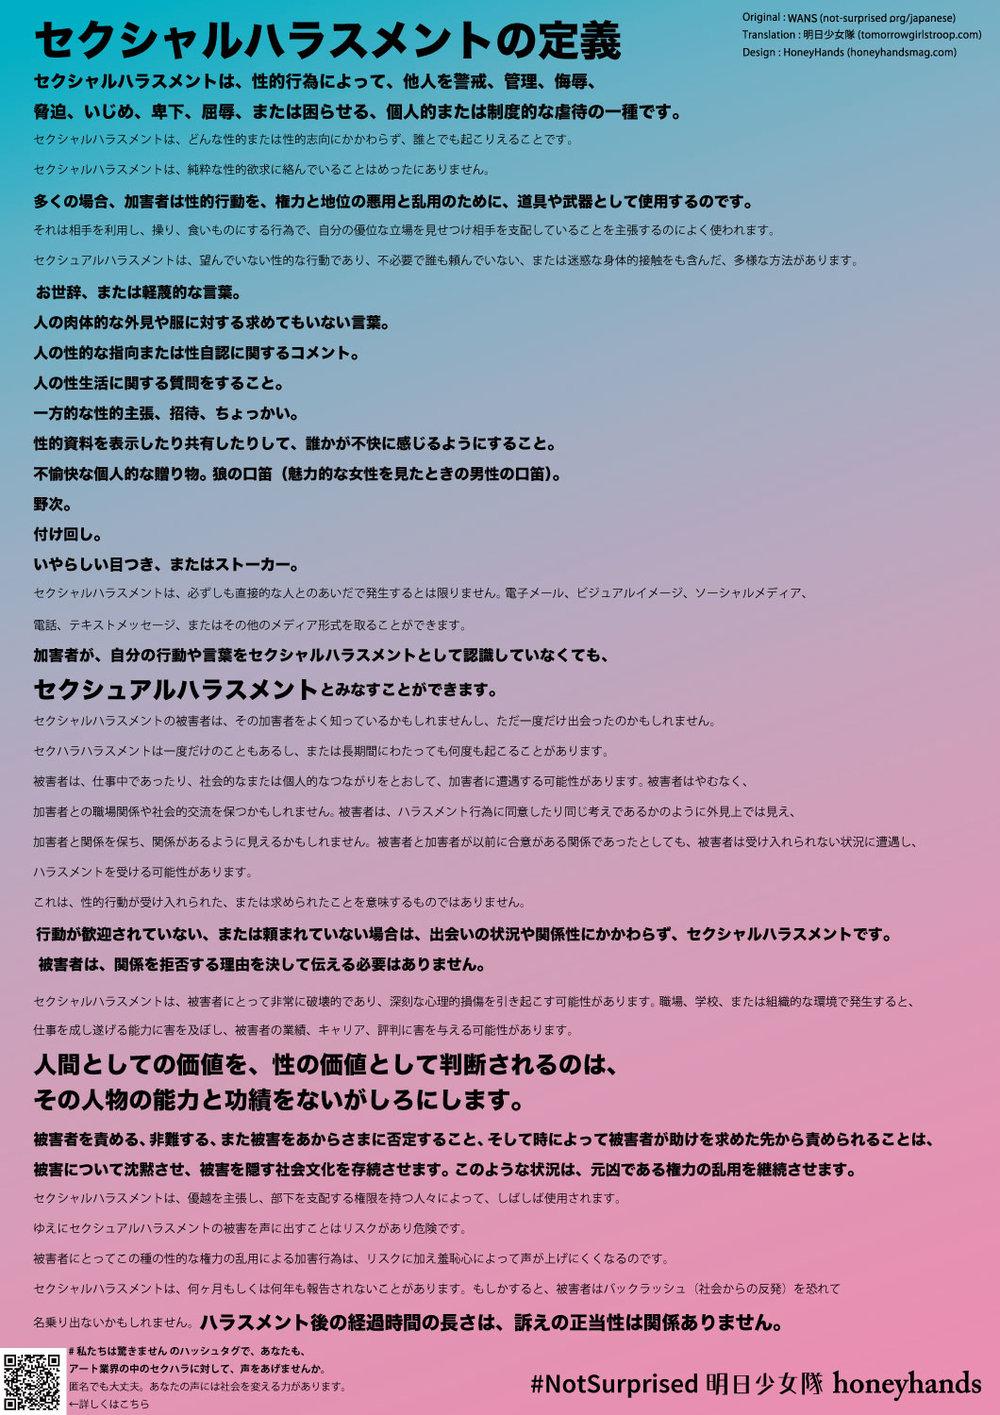 裏セクハラの定義.jpg